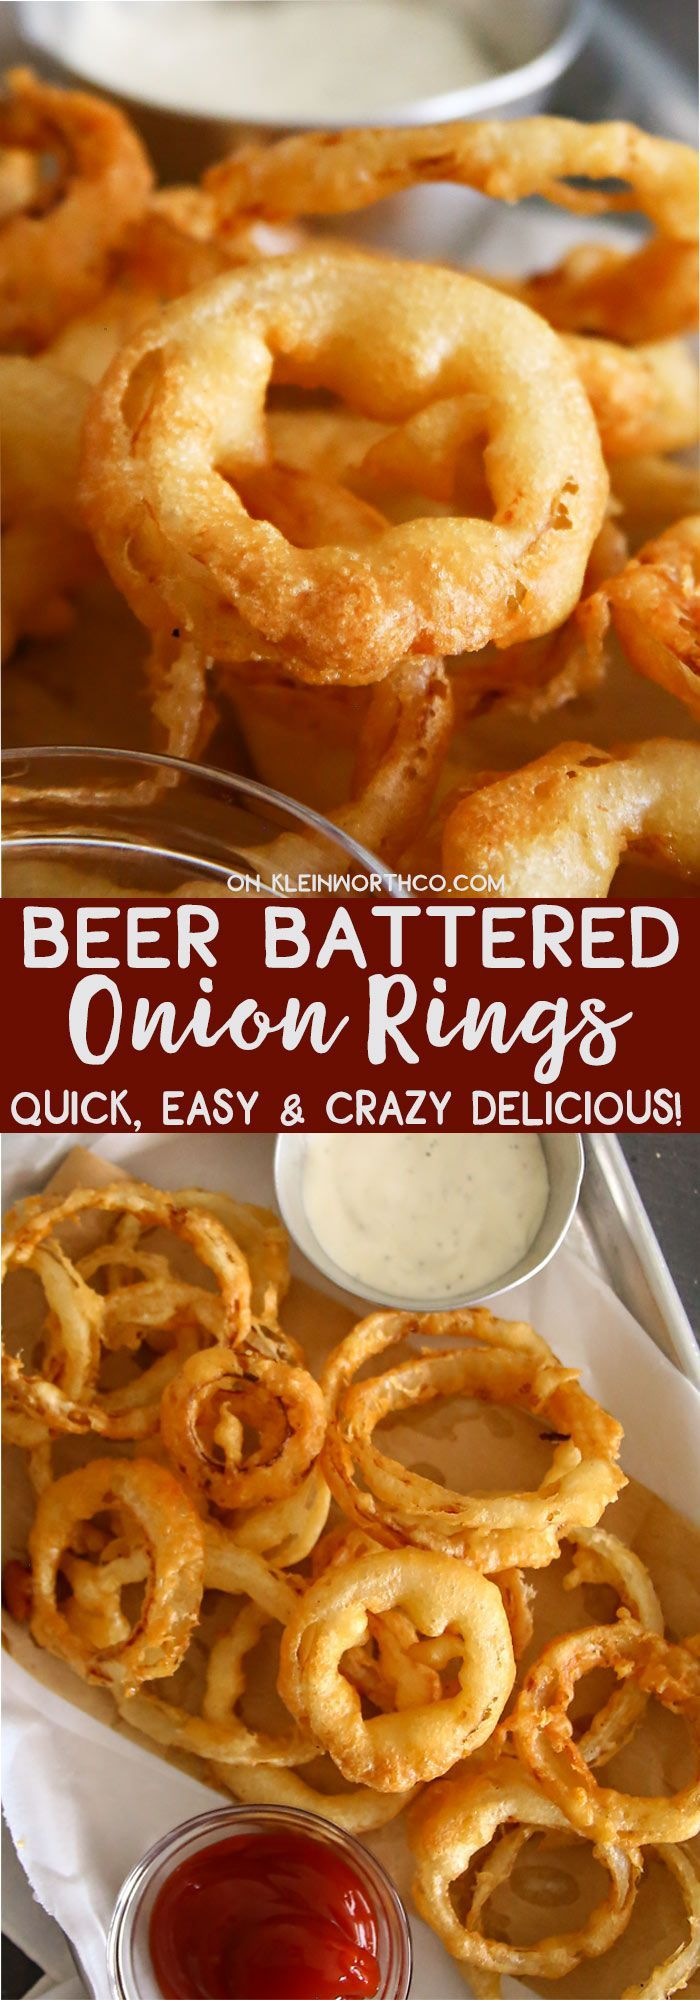 best beer battered onion rings crunchies beer battered onion rings ...